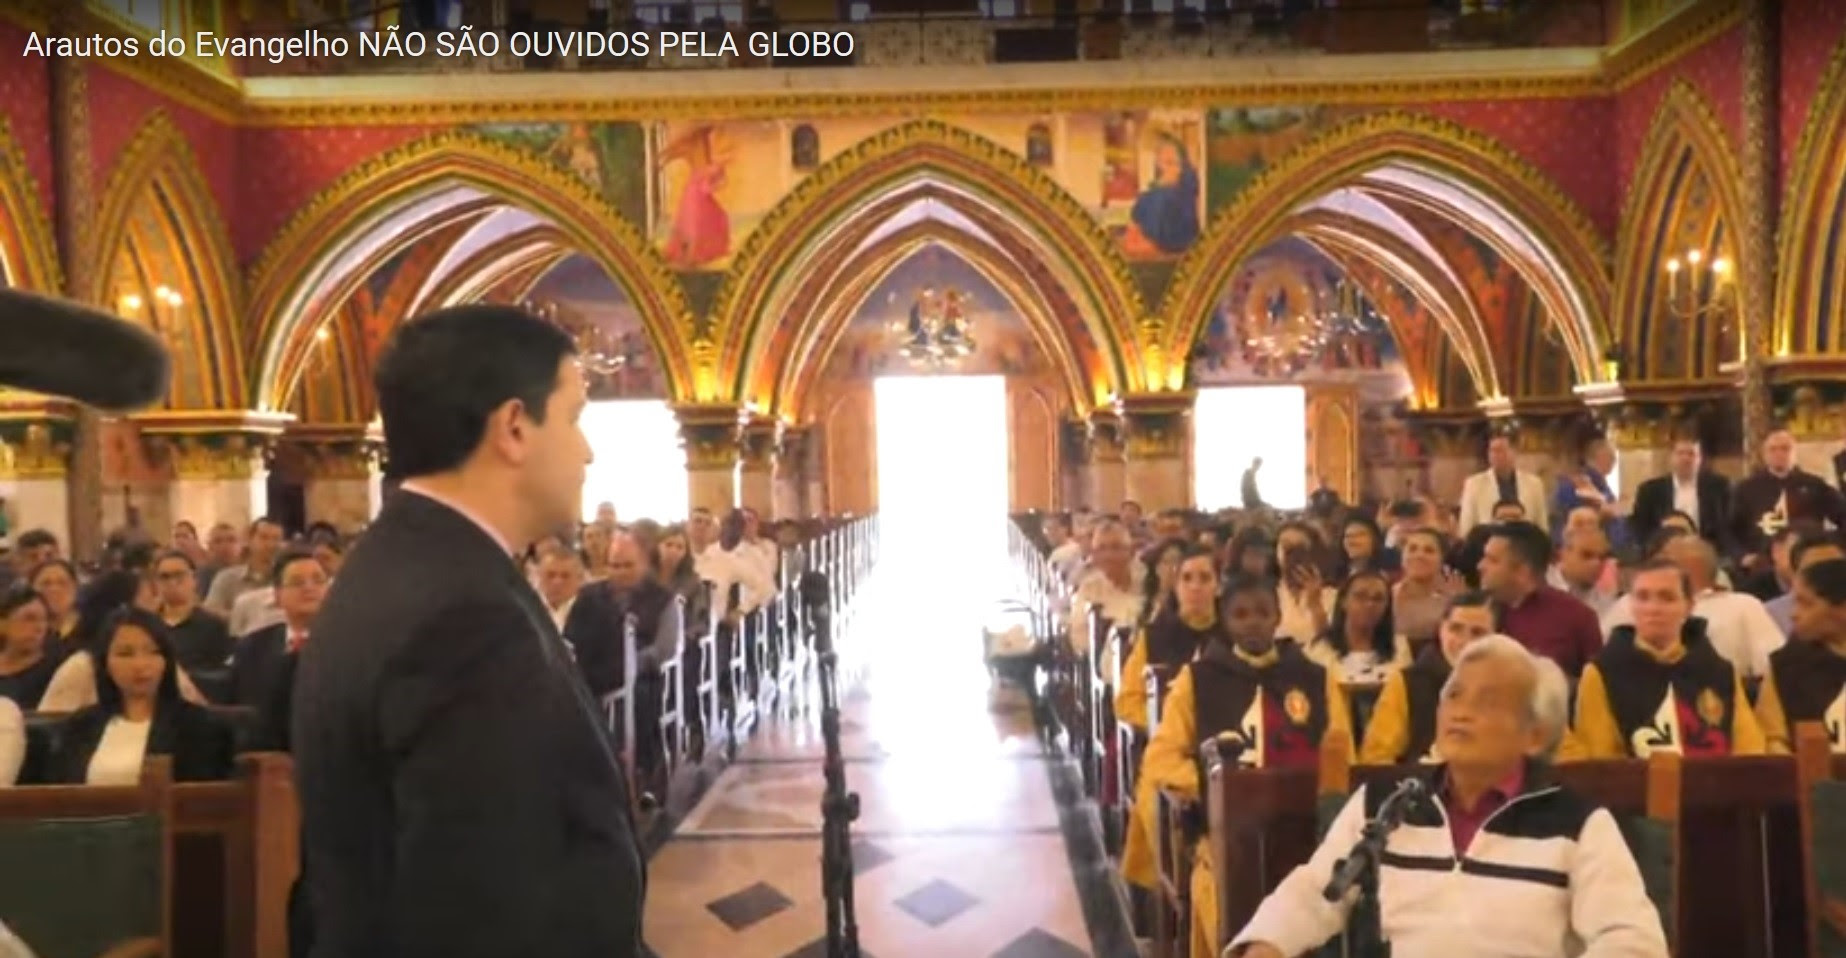 Arautos do Evangelho: Não são ouvidos pela Rede Globo